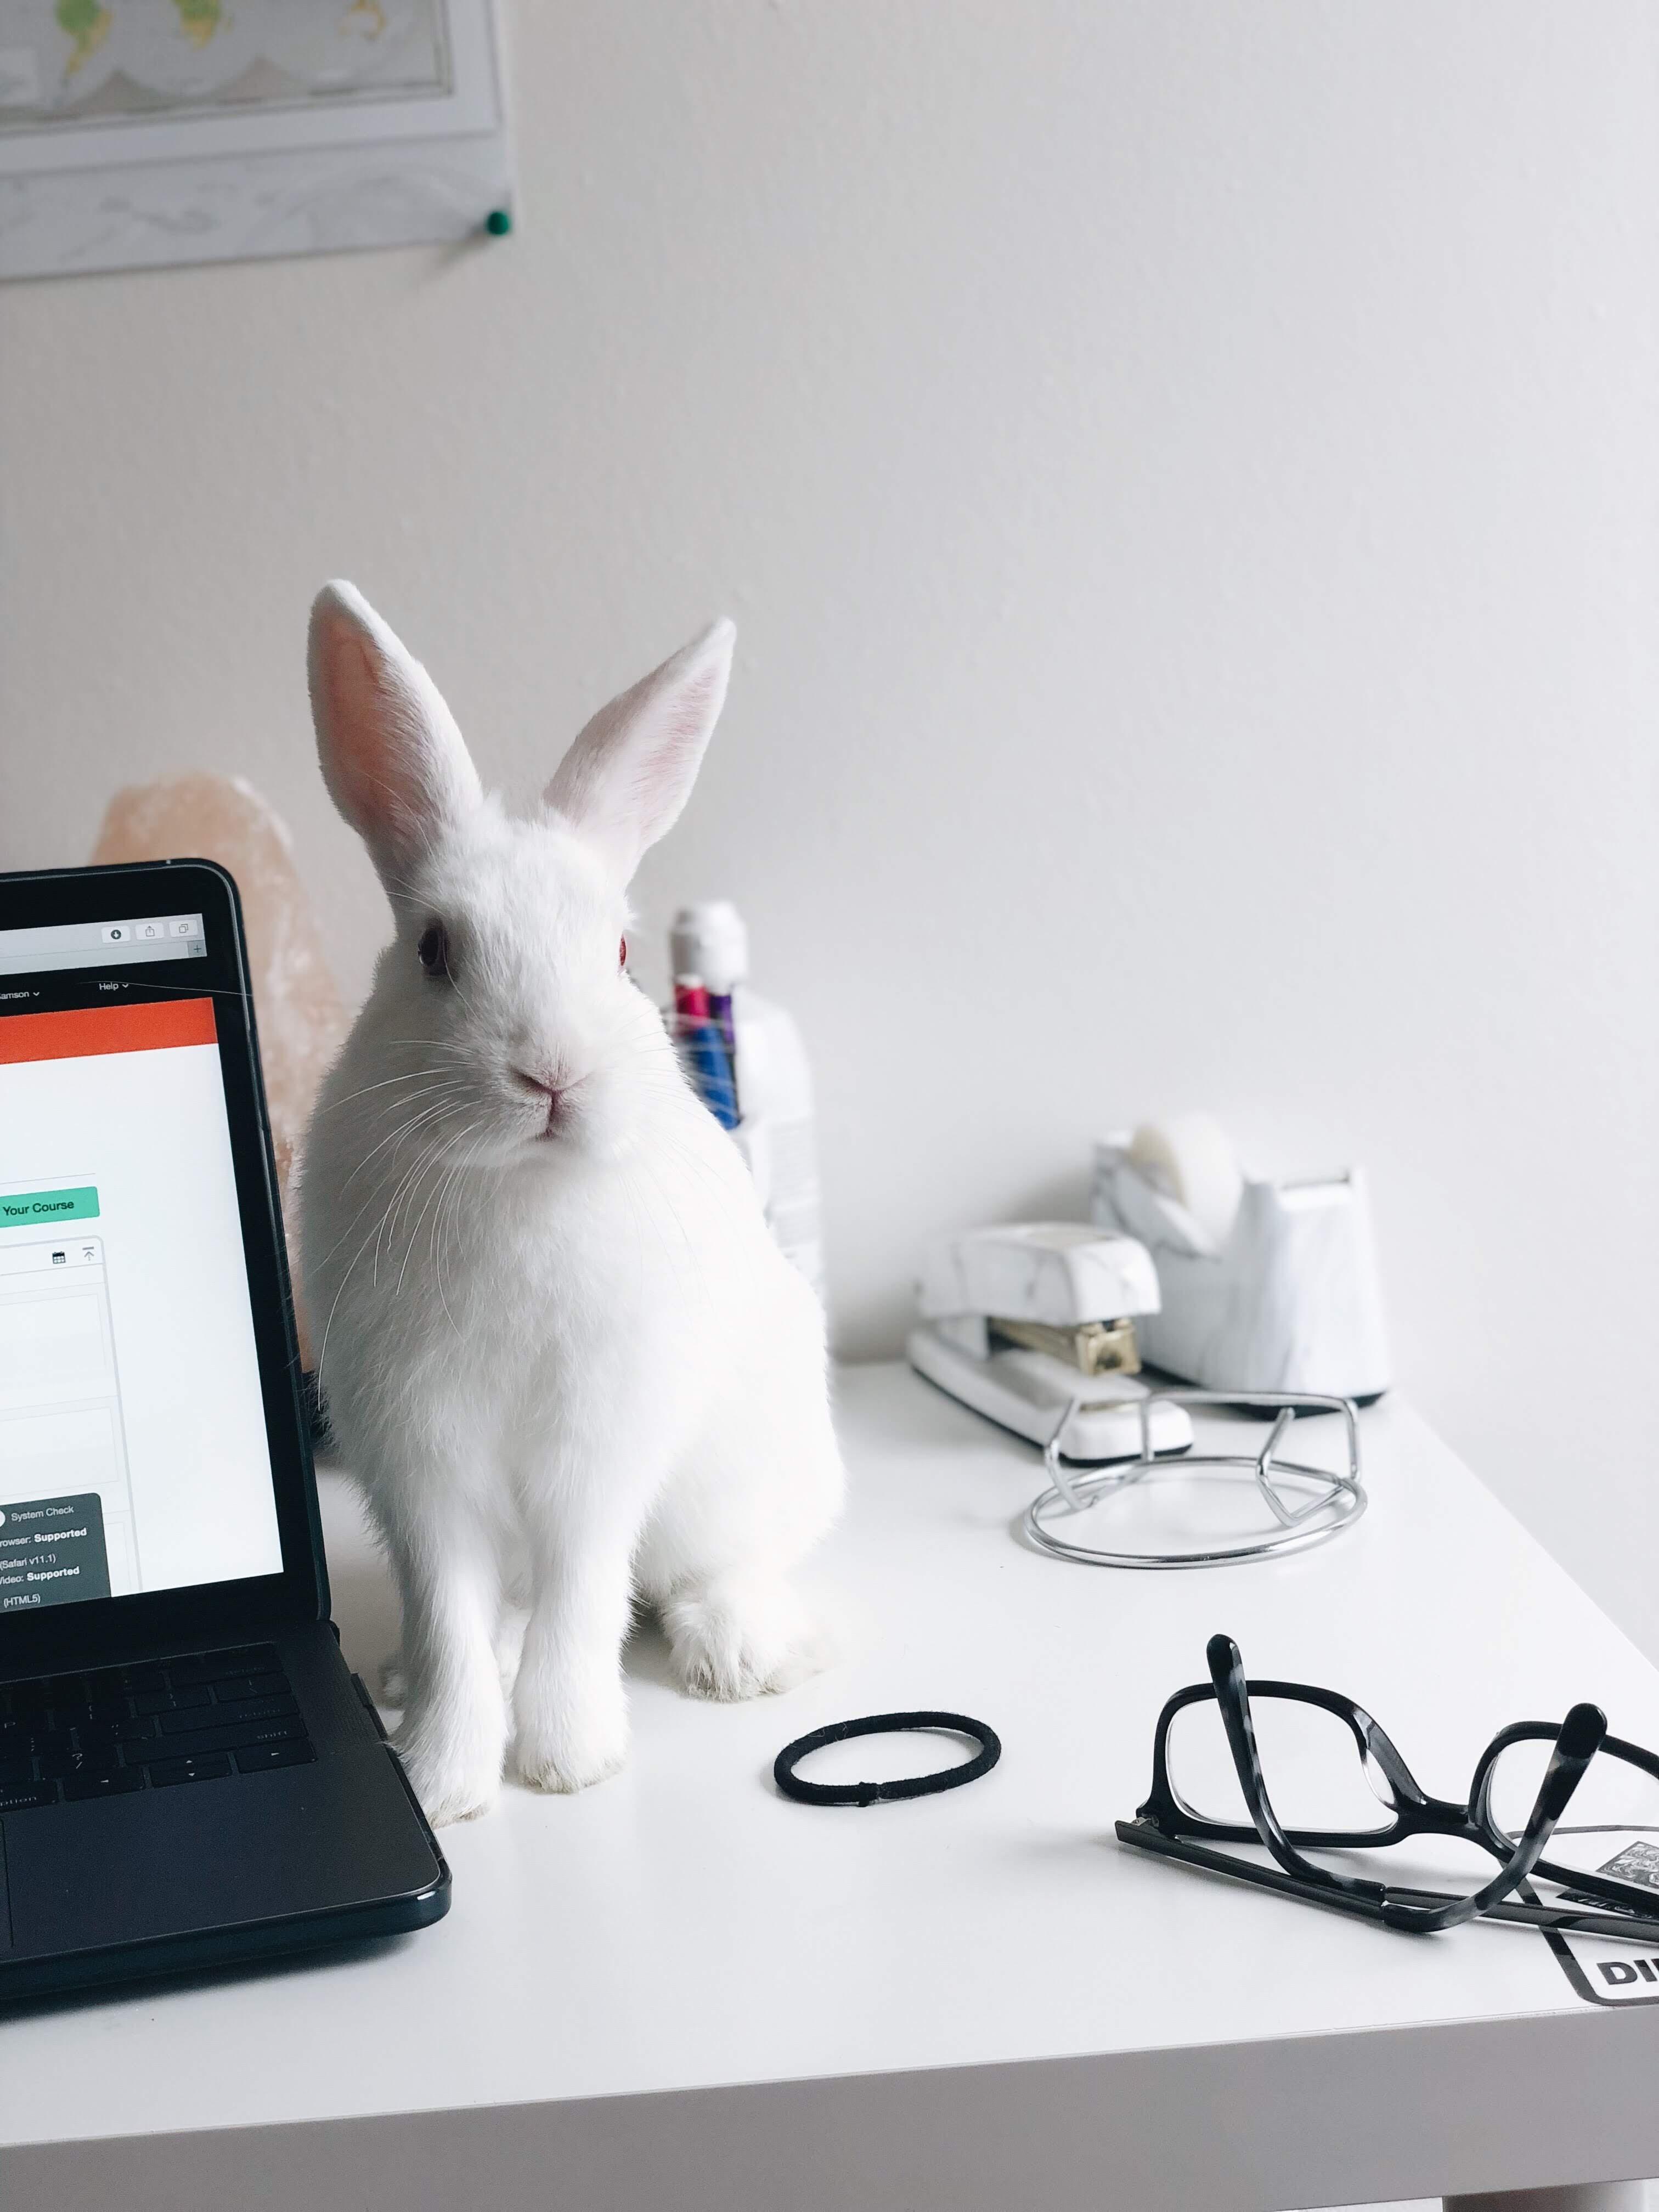 immagine coniglio bianco: i test su ingredienti comedogeni venivano fatti sulle orecchie dei conigli